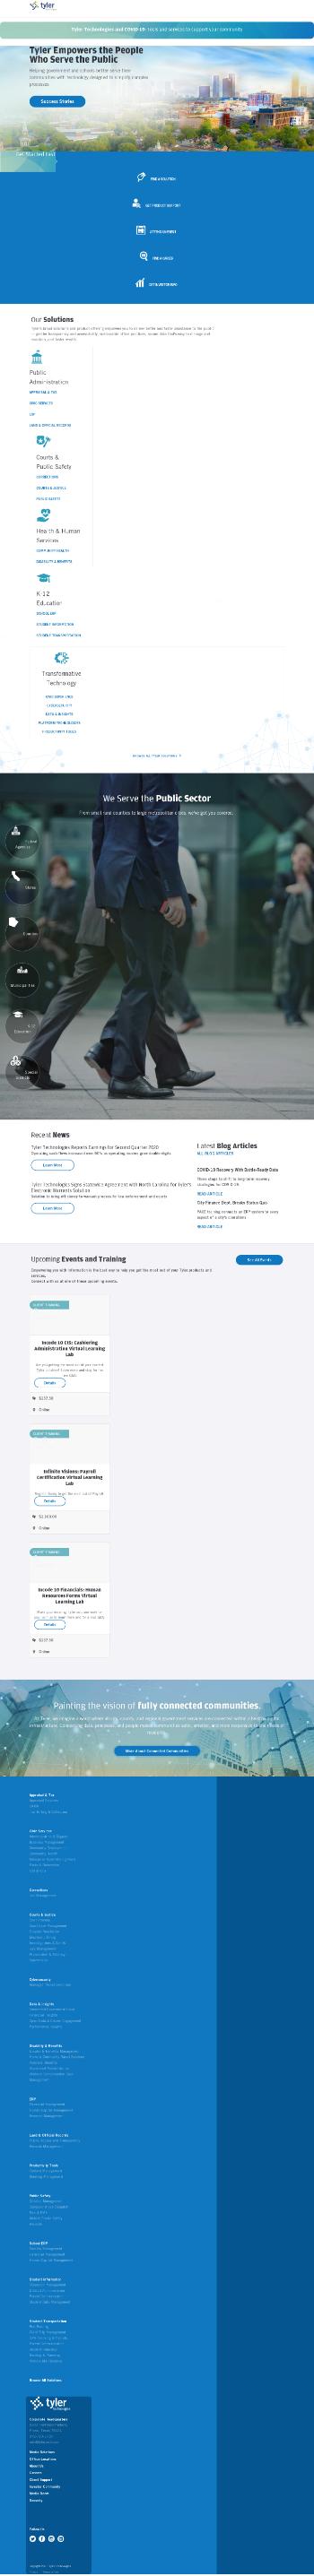 Tyler Technologies, Inc. Website Screenshot